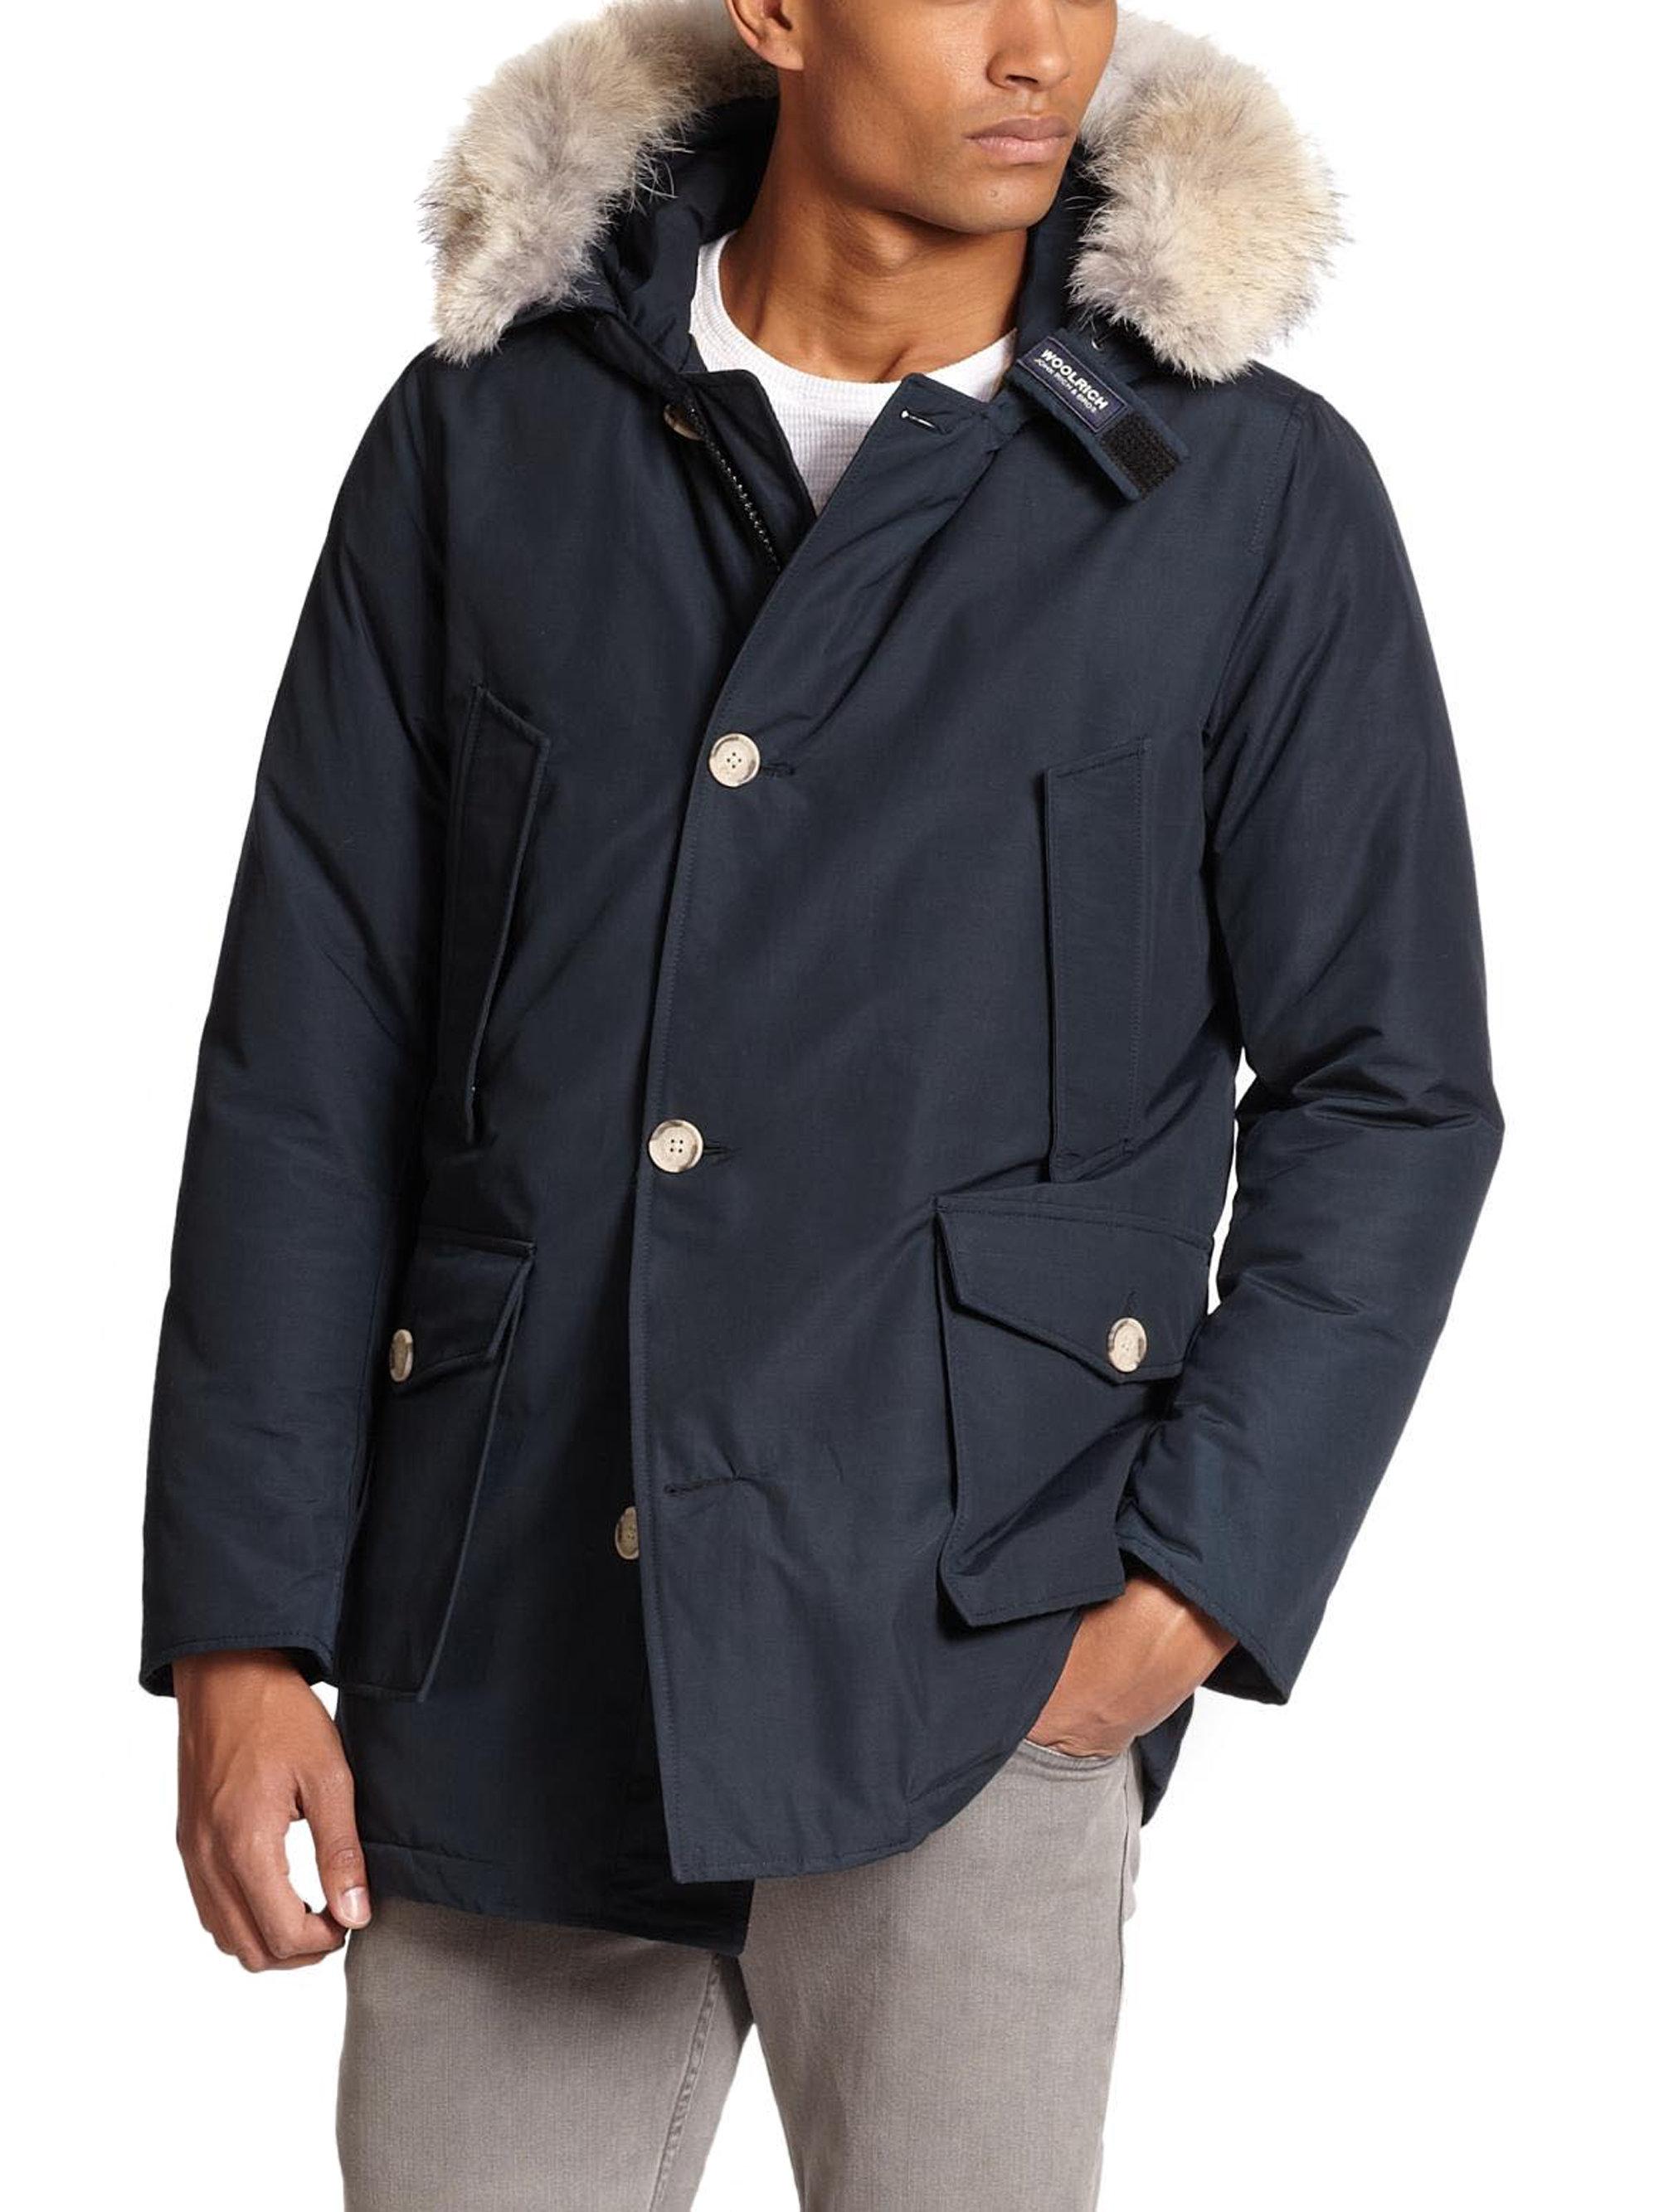 woolrich fur trimmed arctic parka in blue for men lyst. Black Bedroom Furniture Sets. Home Design Ideas